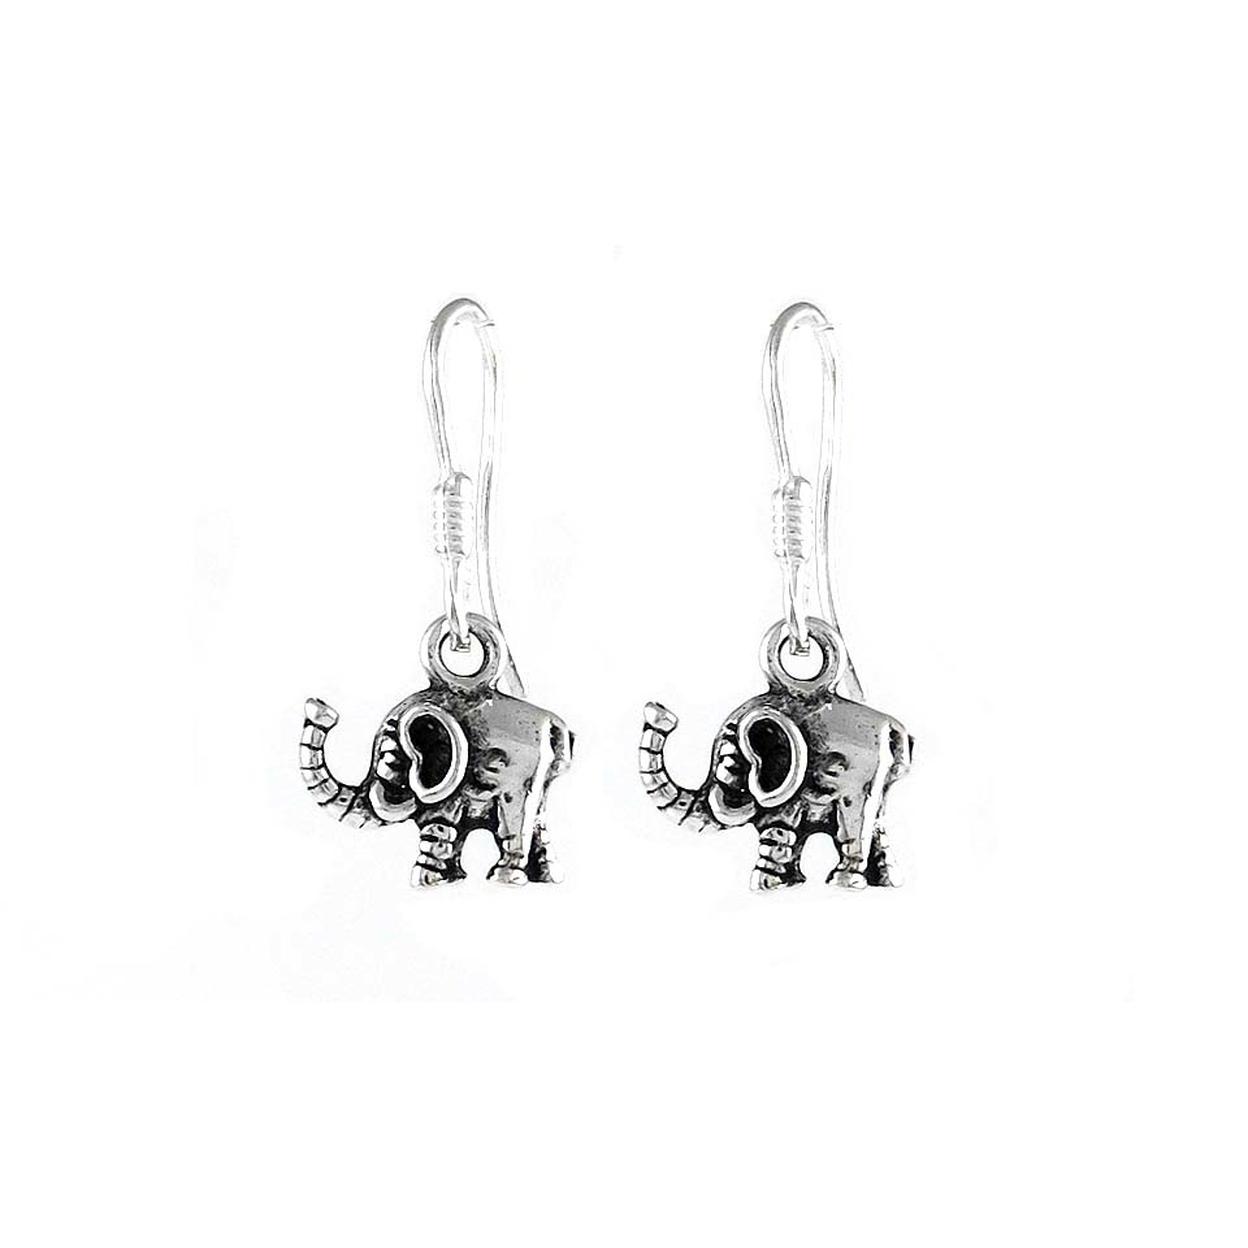 Solid sterling silver Elephant Drop earrings 56f591ee8e3d6fc6088b484d